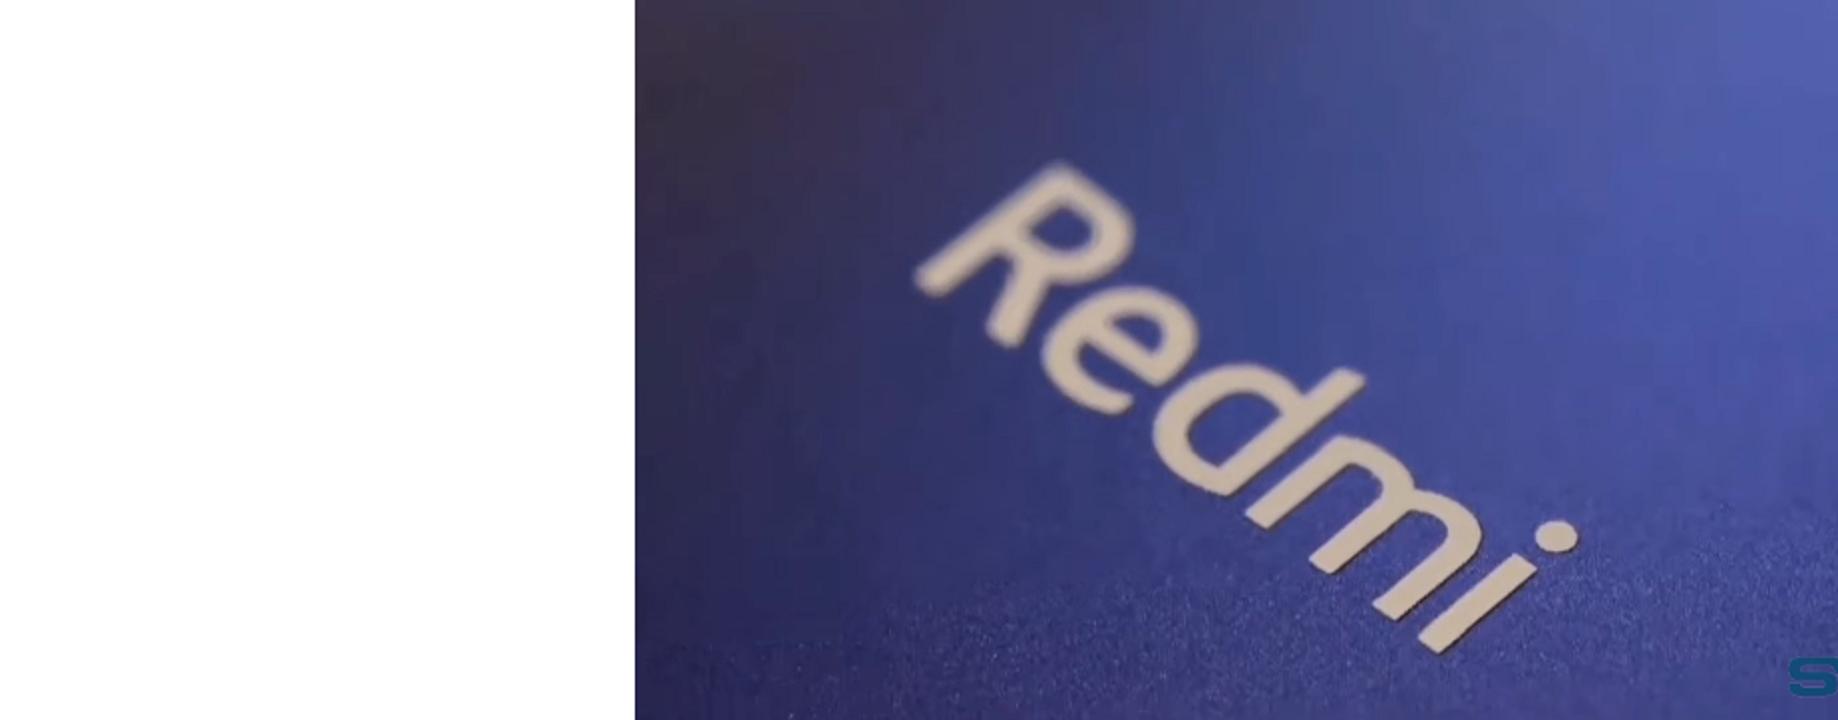 هاتف Xiaomi Redmi Note 11 Pro Max